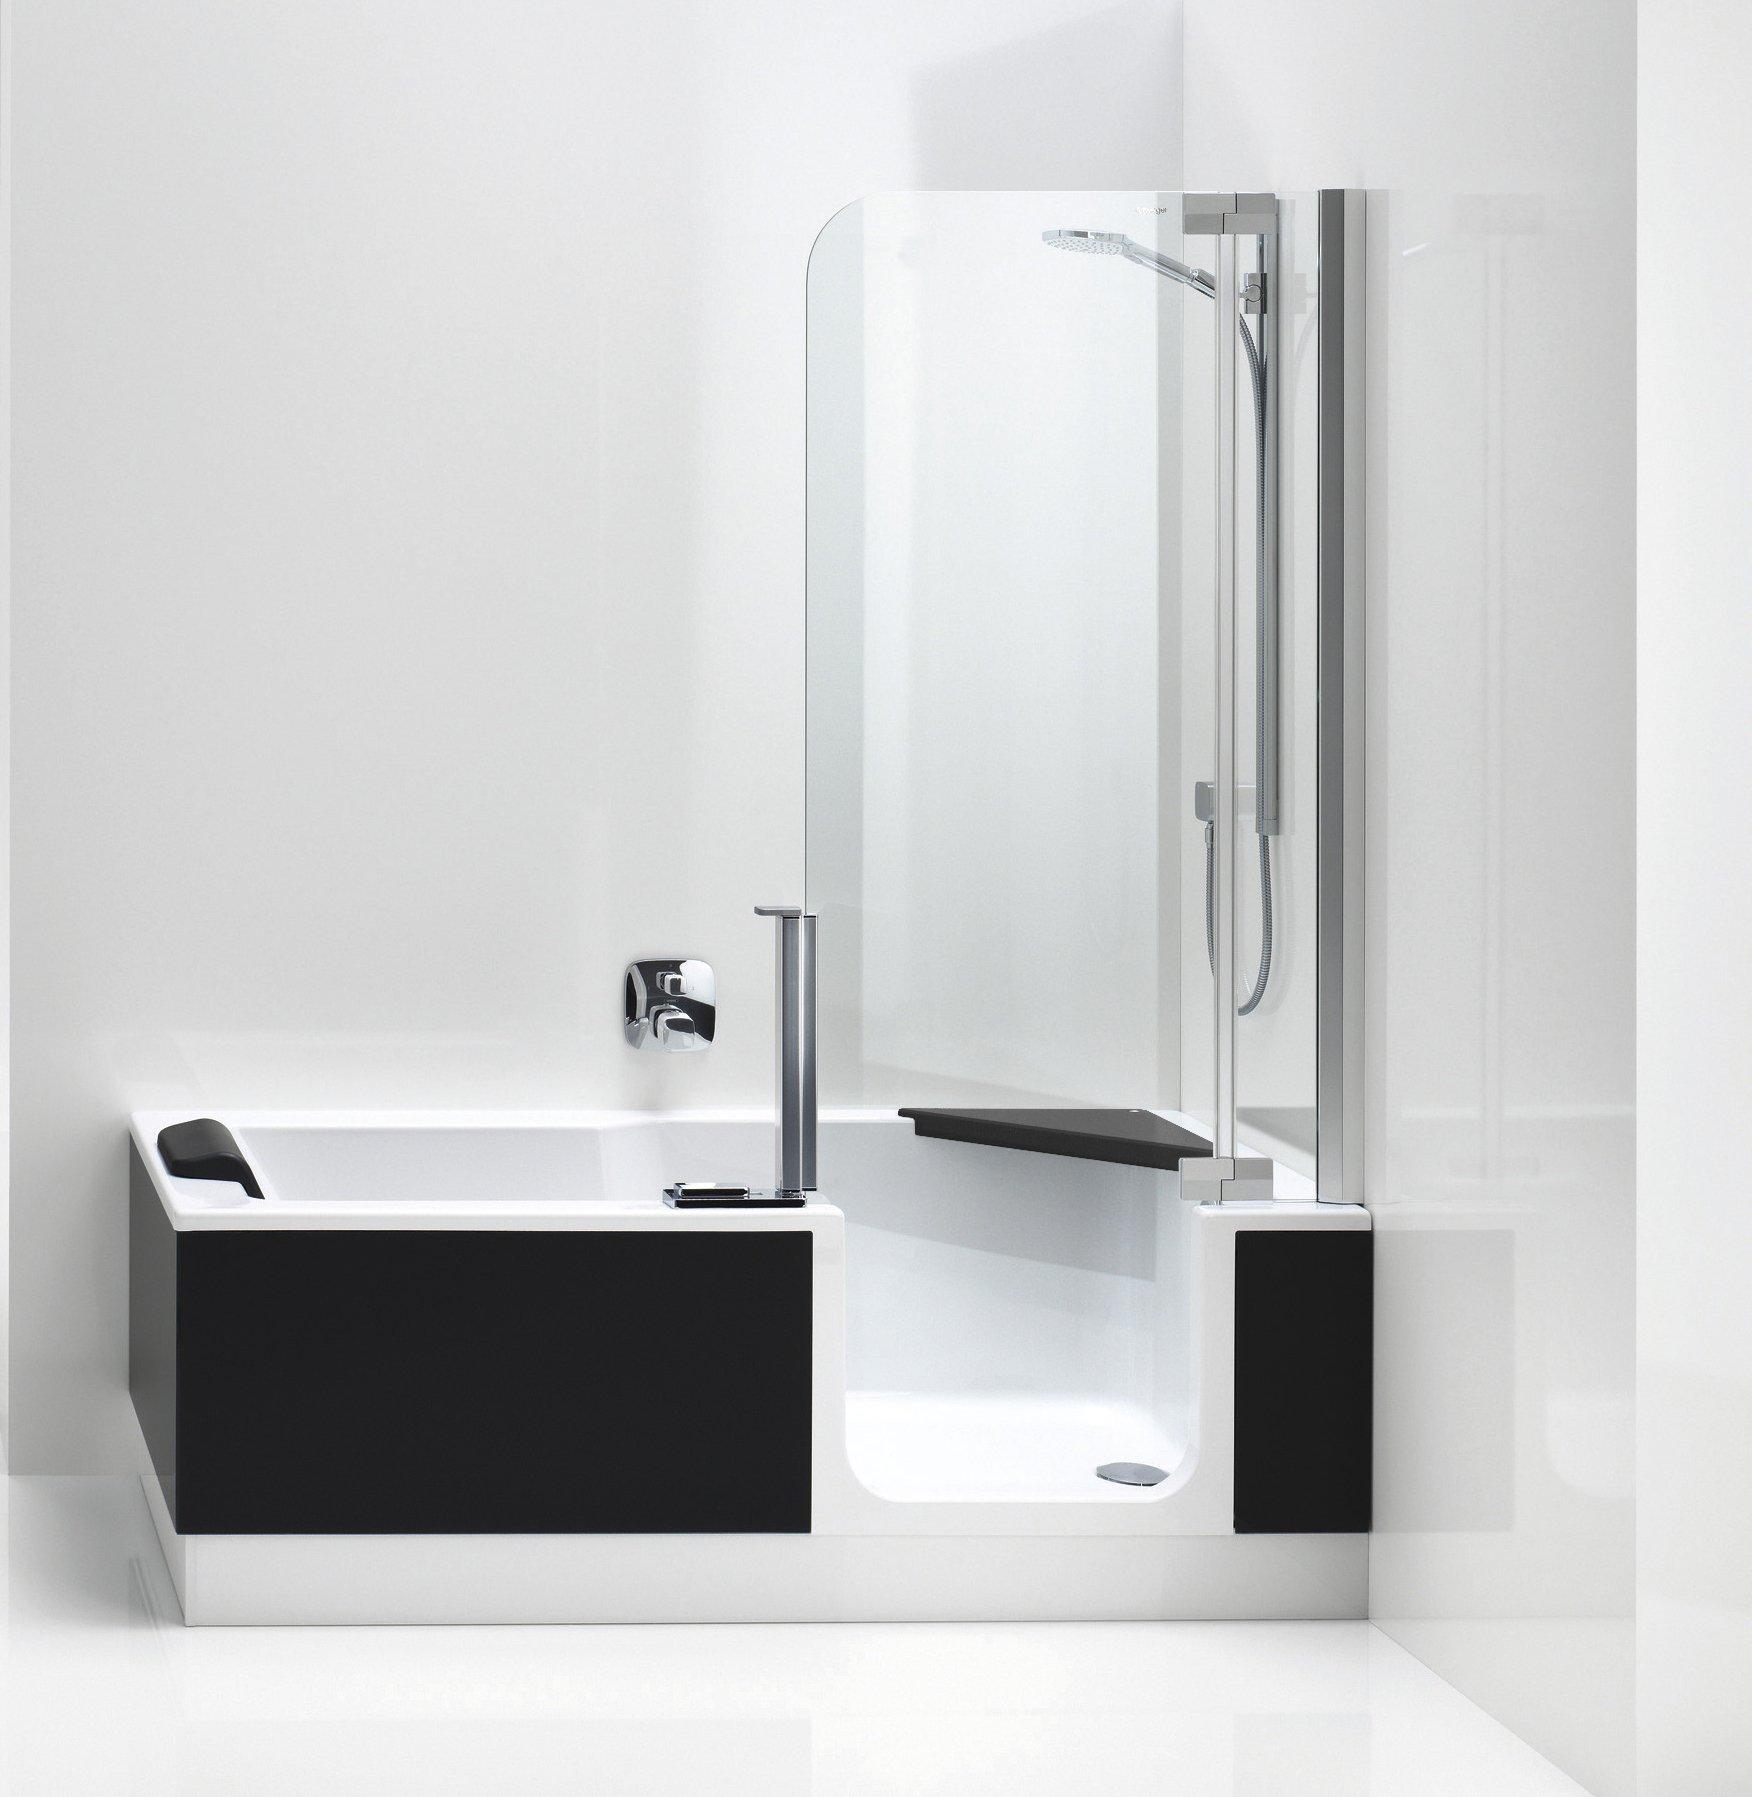 wannen ecksitz f r die dusch badewanne twinline 2. Black Bedroom Furniture Sets. Home Design Ideas